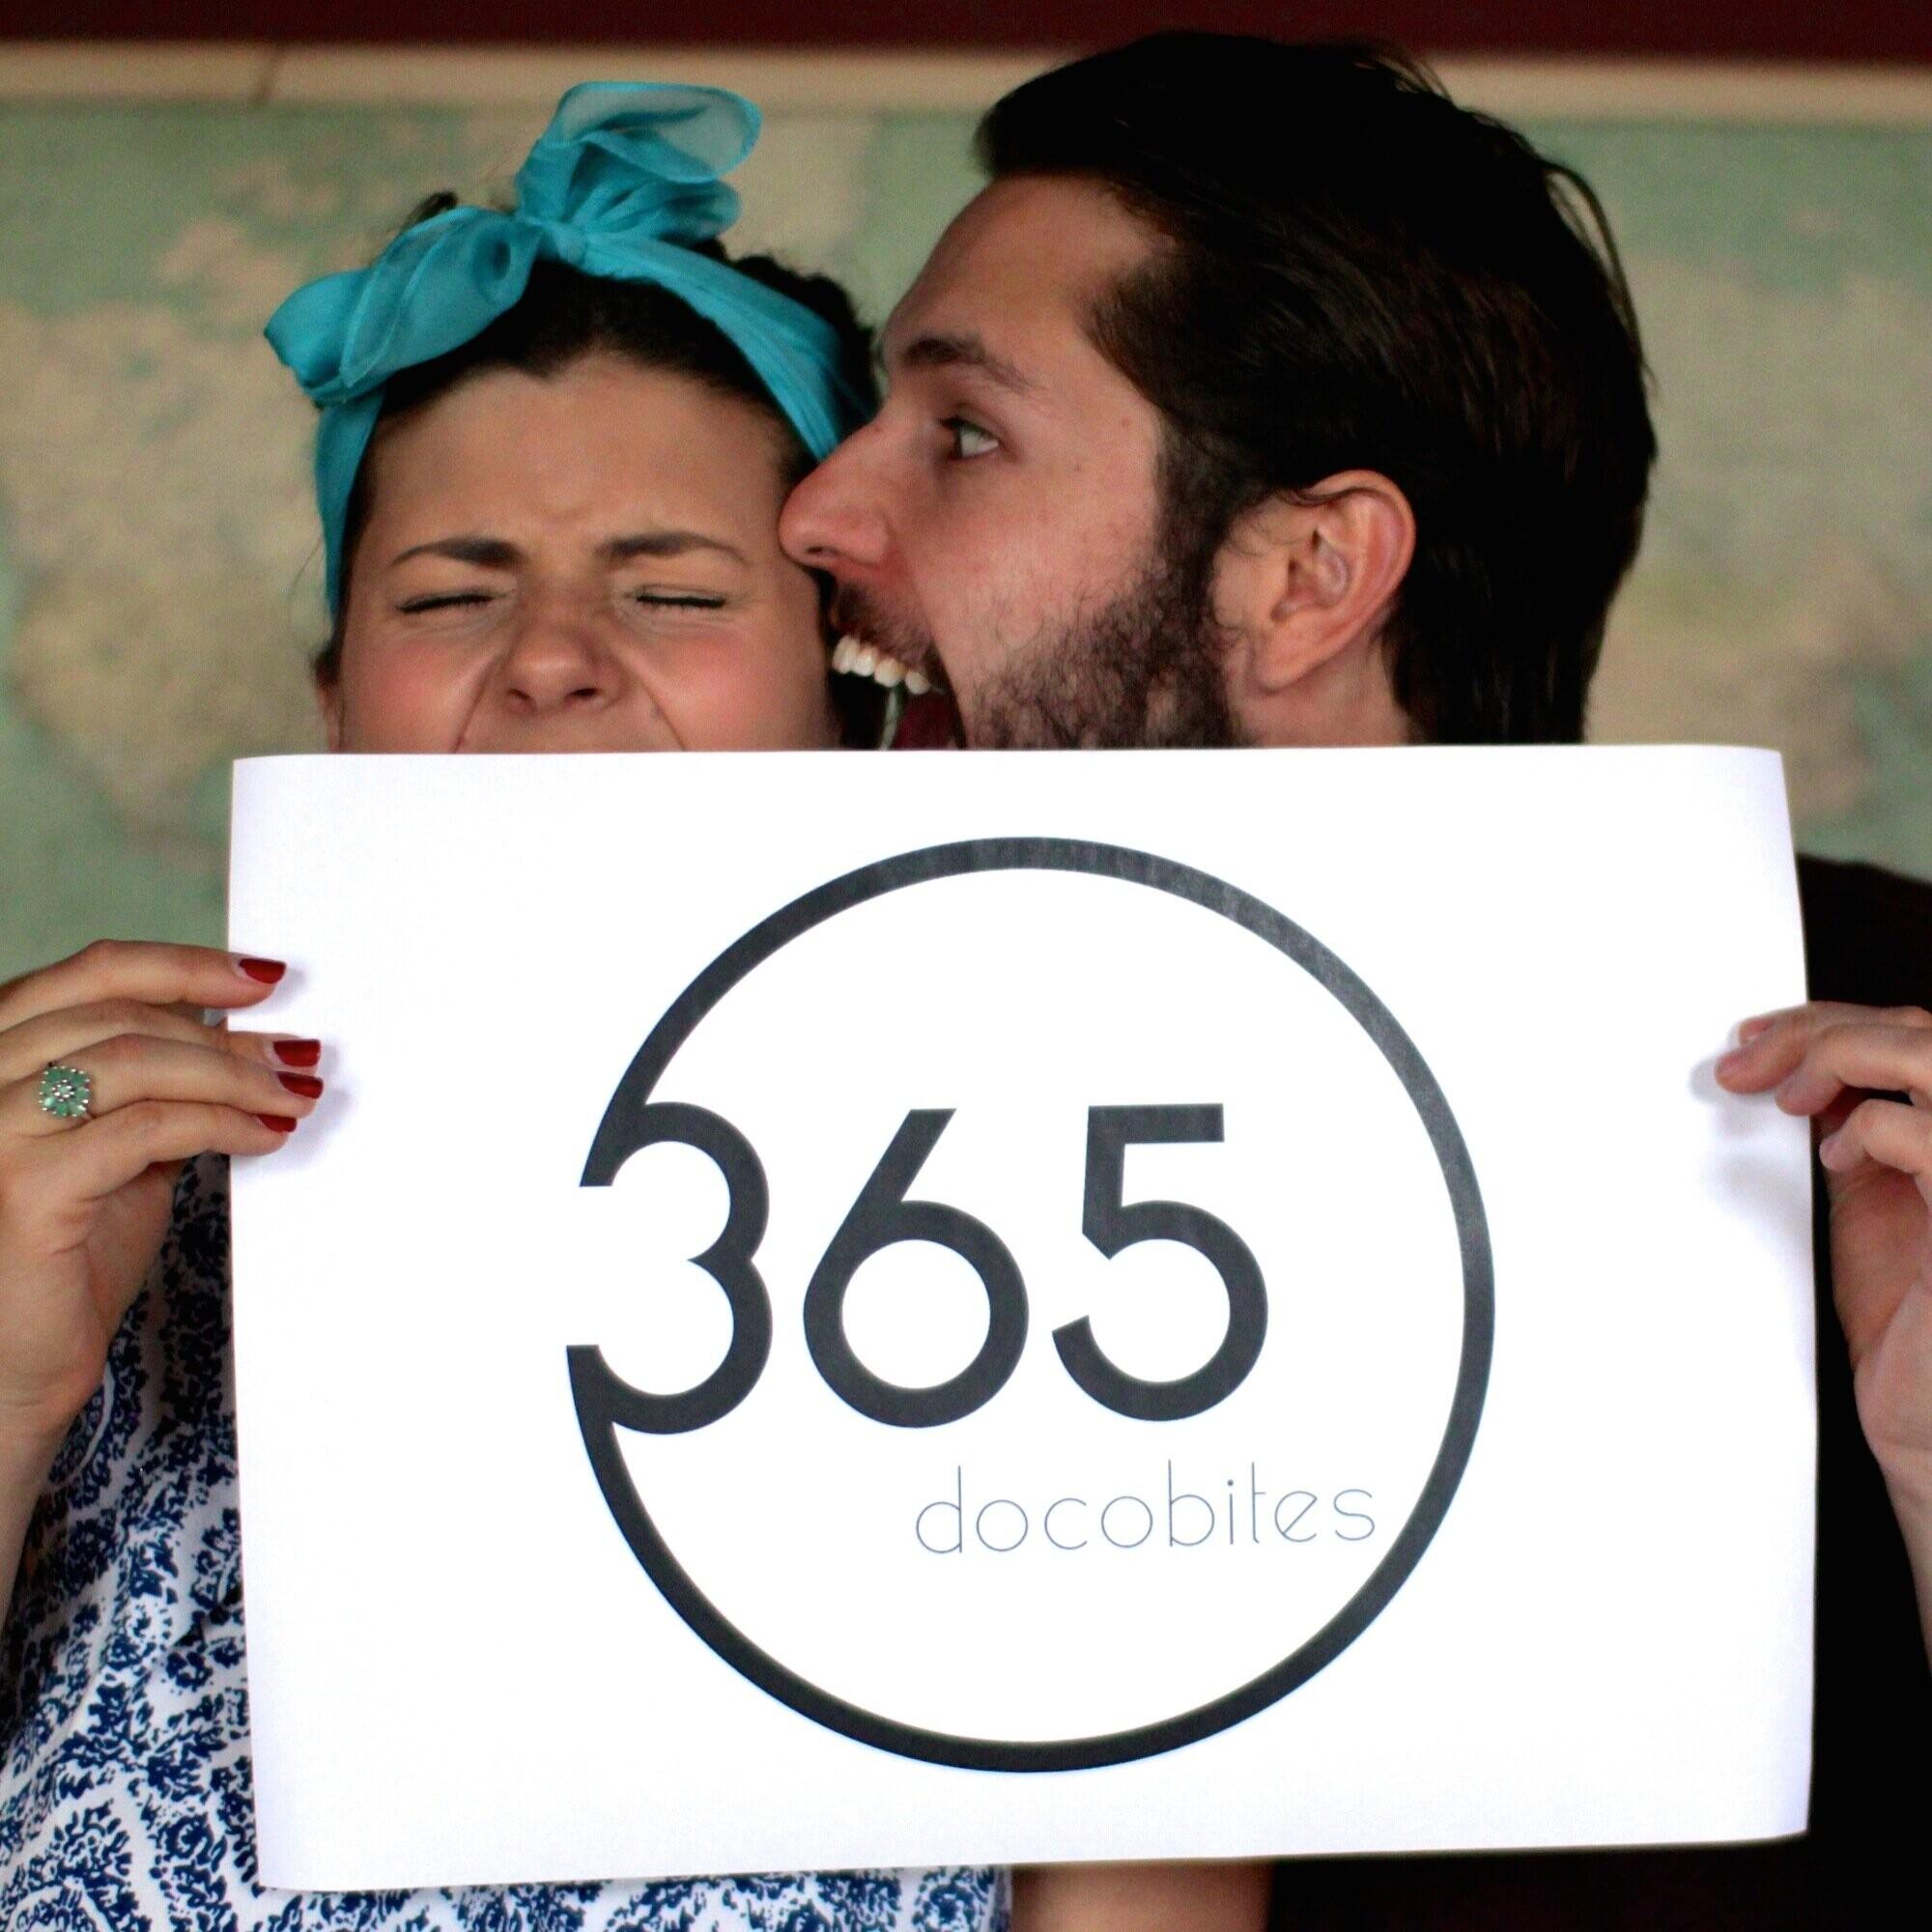 365 docobites